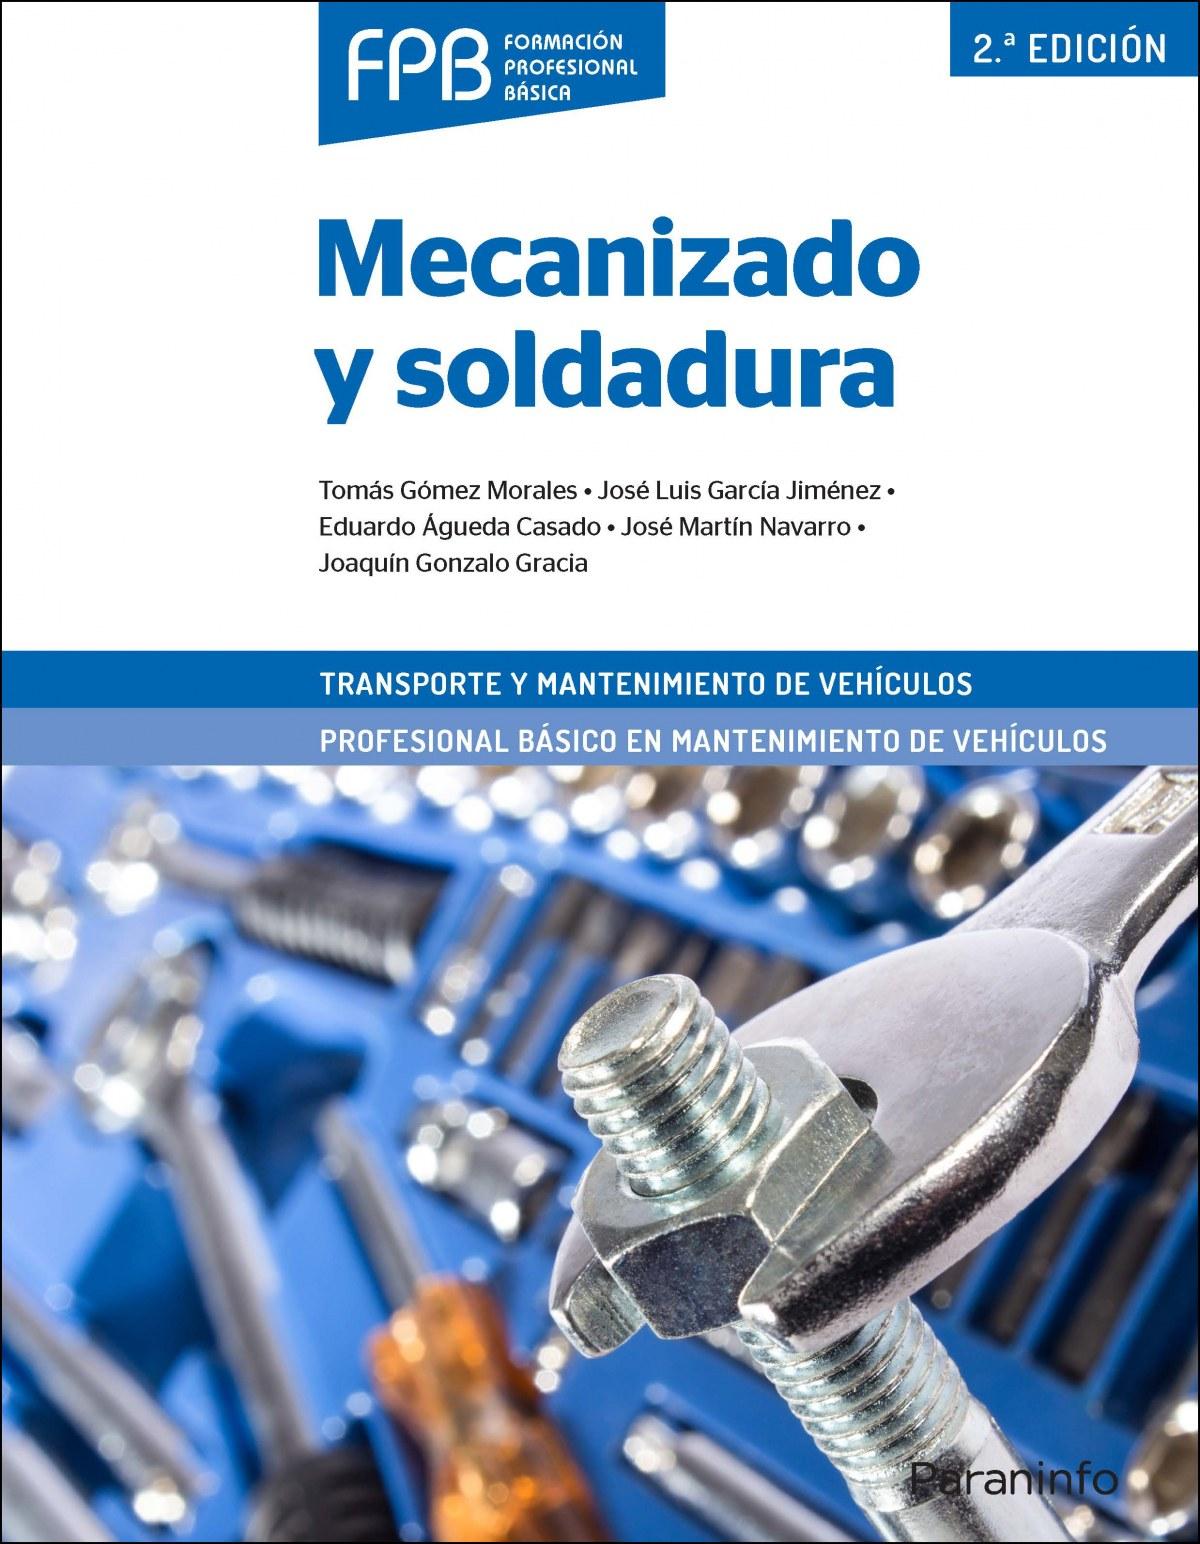 Mecanizado y soldadura 2ª edición